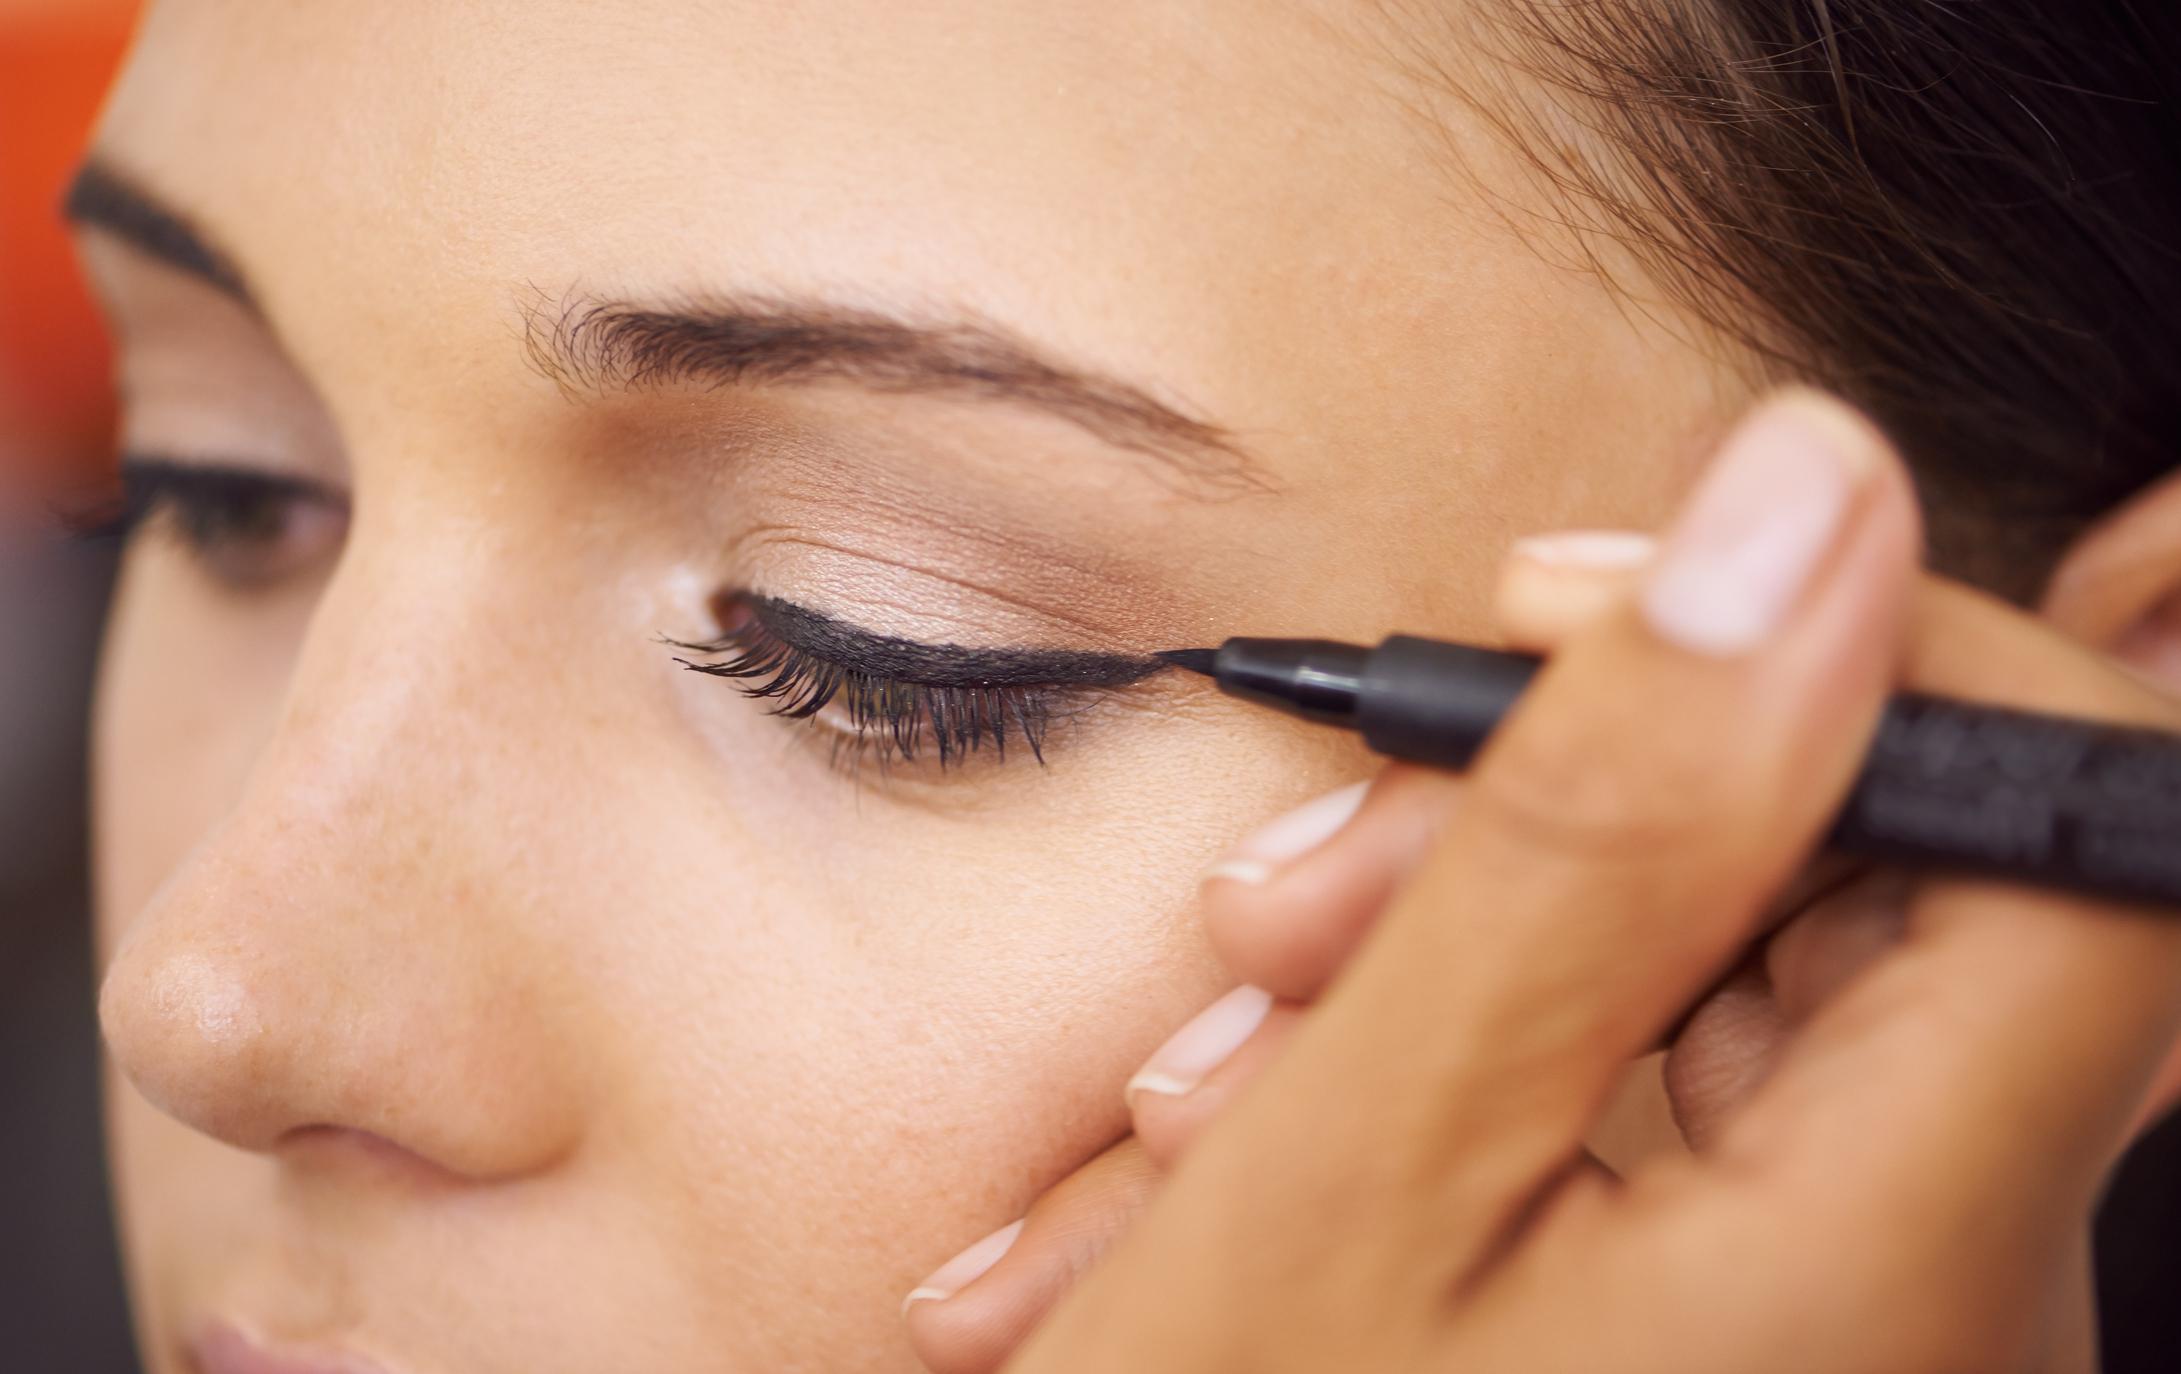 Met deze truc zet je de perfecte winged eyeliner